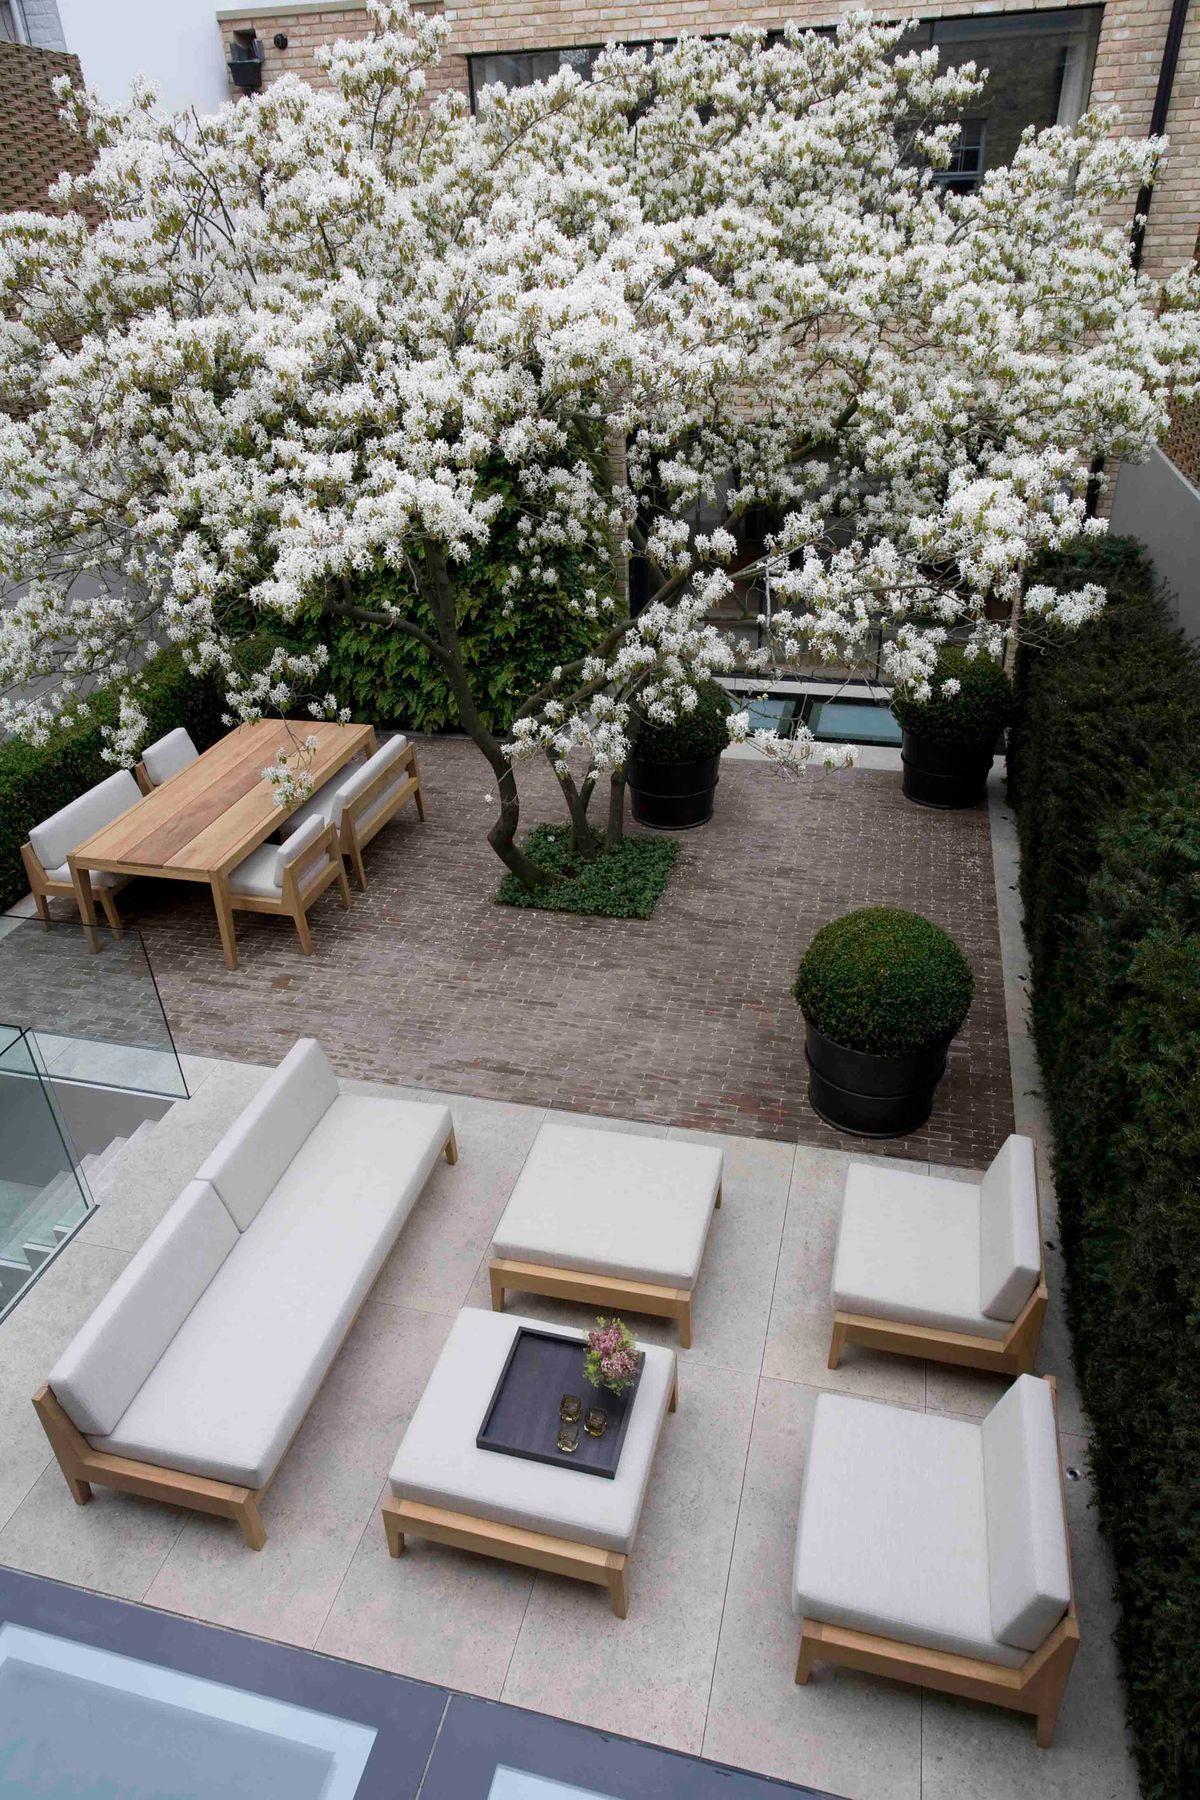 Pin de Car Webb en Sloping garden | Pinterest | Patios, Jardines y ...